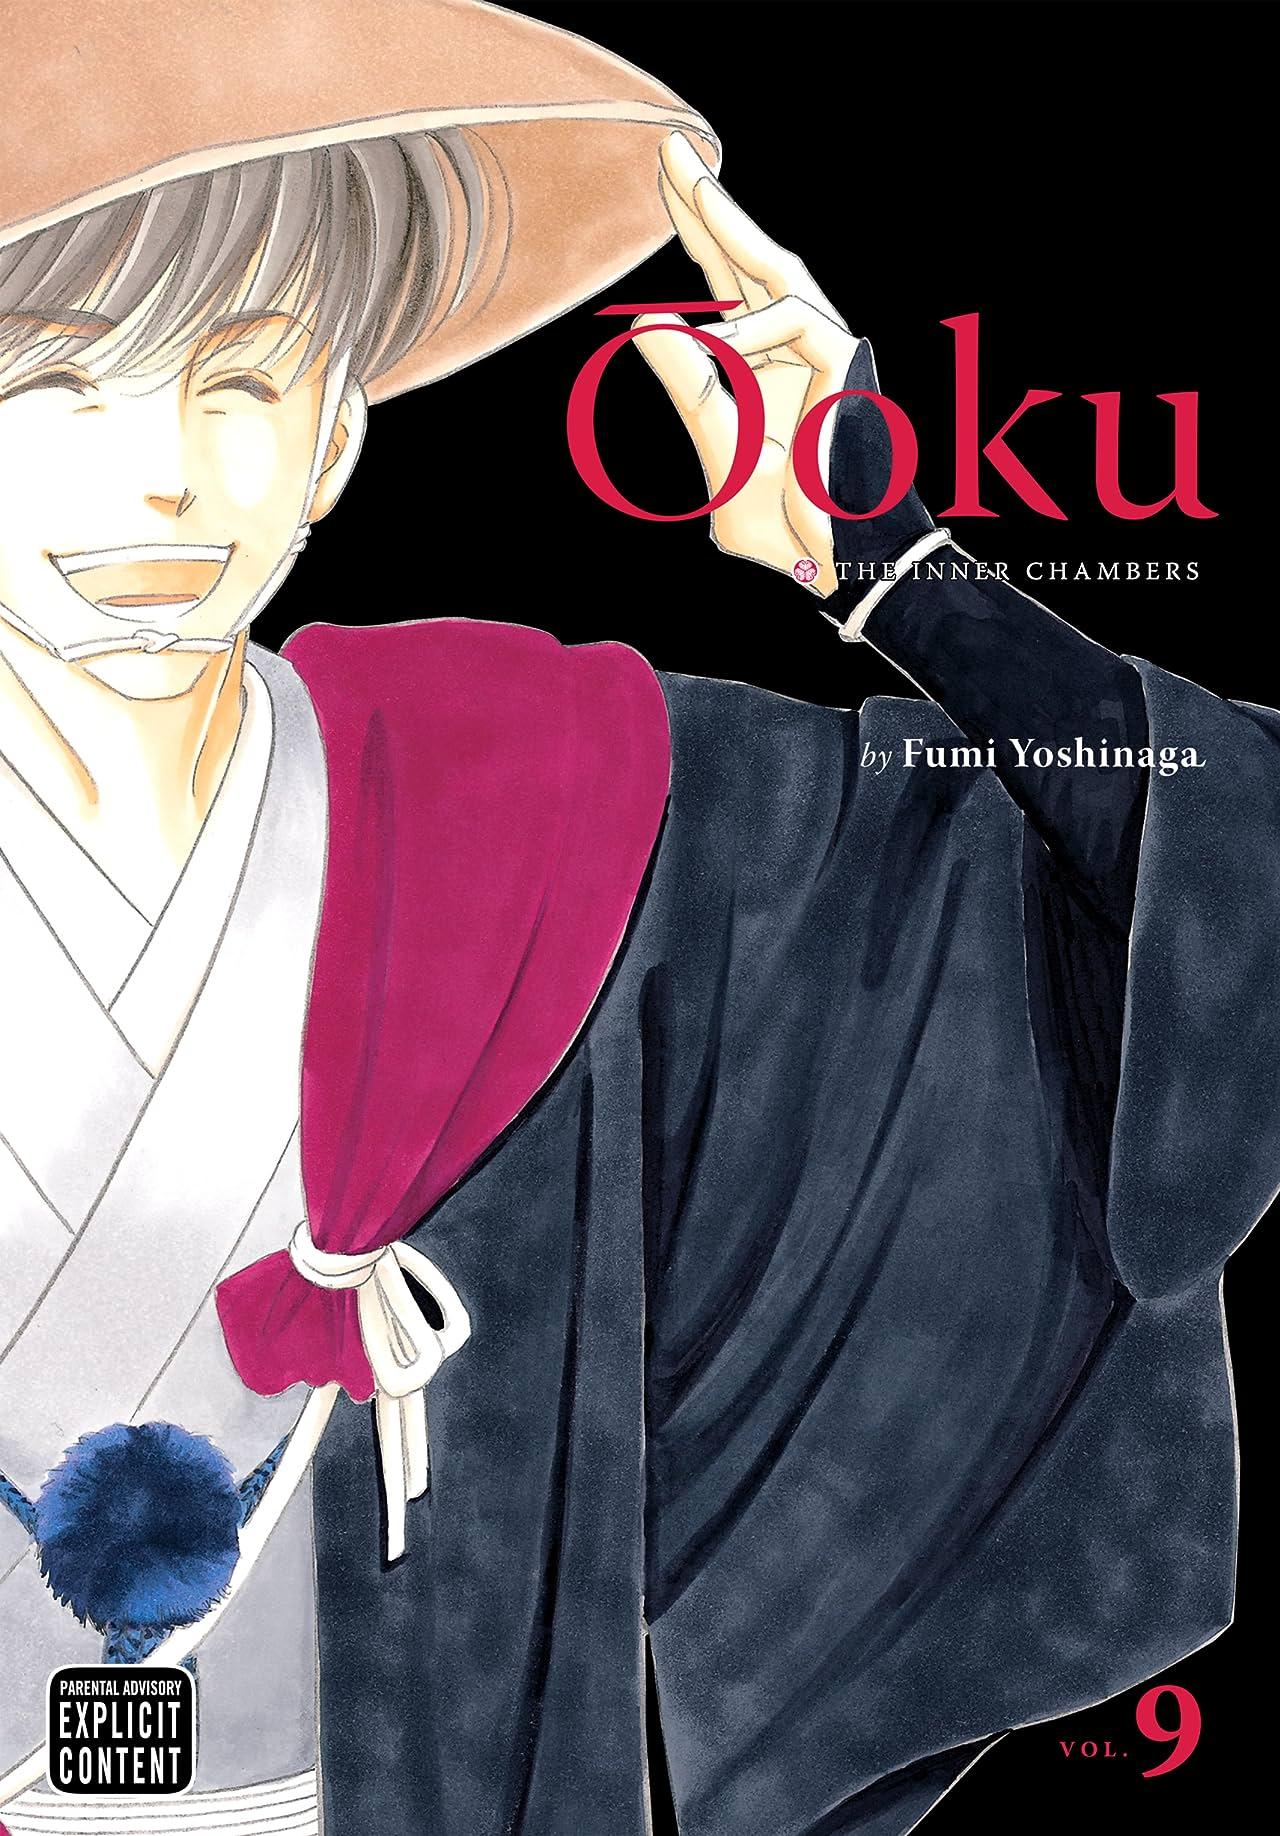 Ôoku: The Inner Chambers Vol. 9